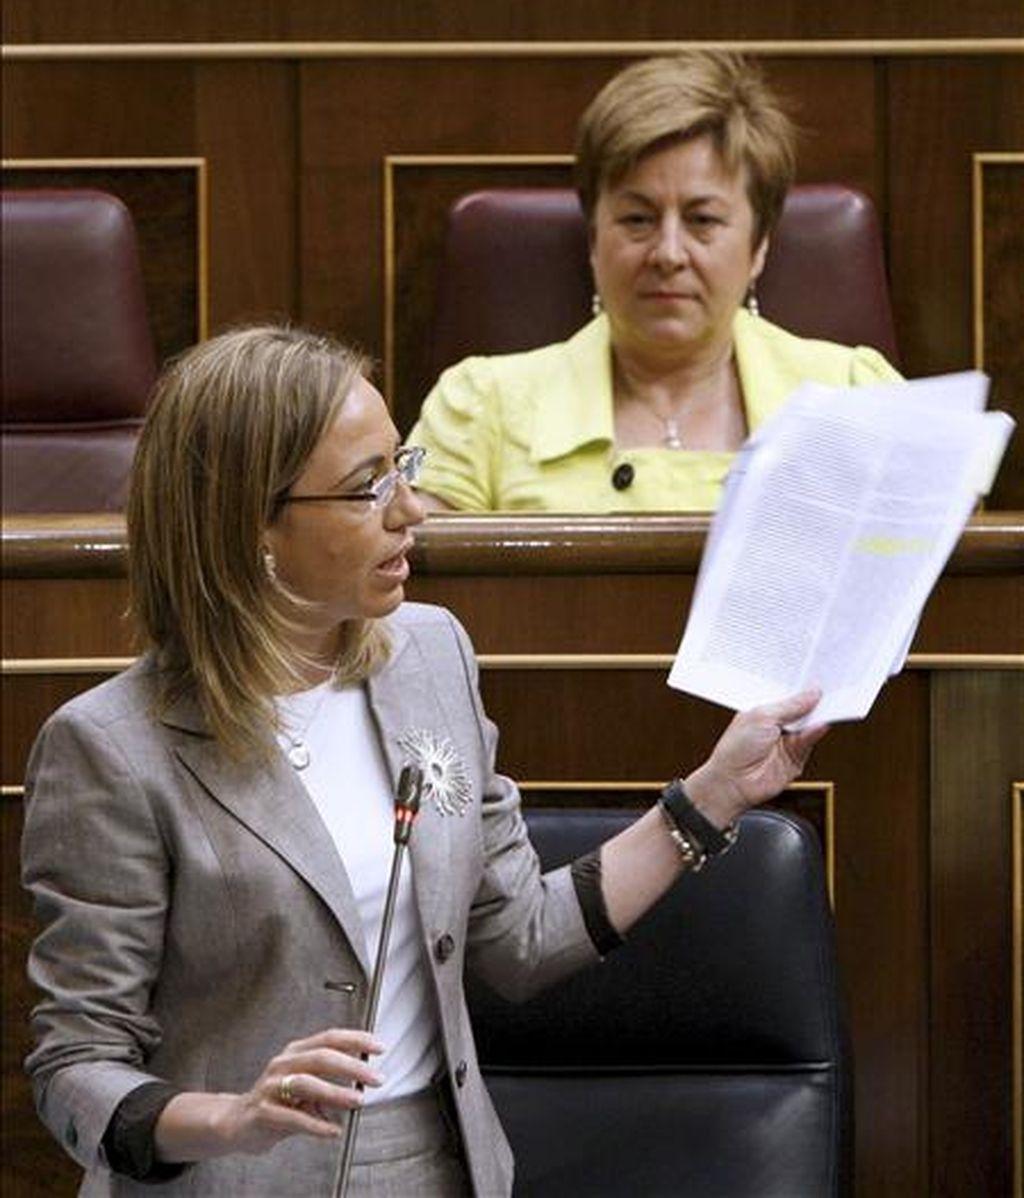 La ministra de Defensa, Carme Chacón, durante su intervención en la sesión de control al Gobierno del pleno del Congreso celebrado hoy. EFE